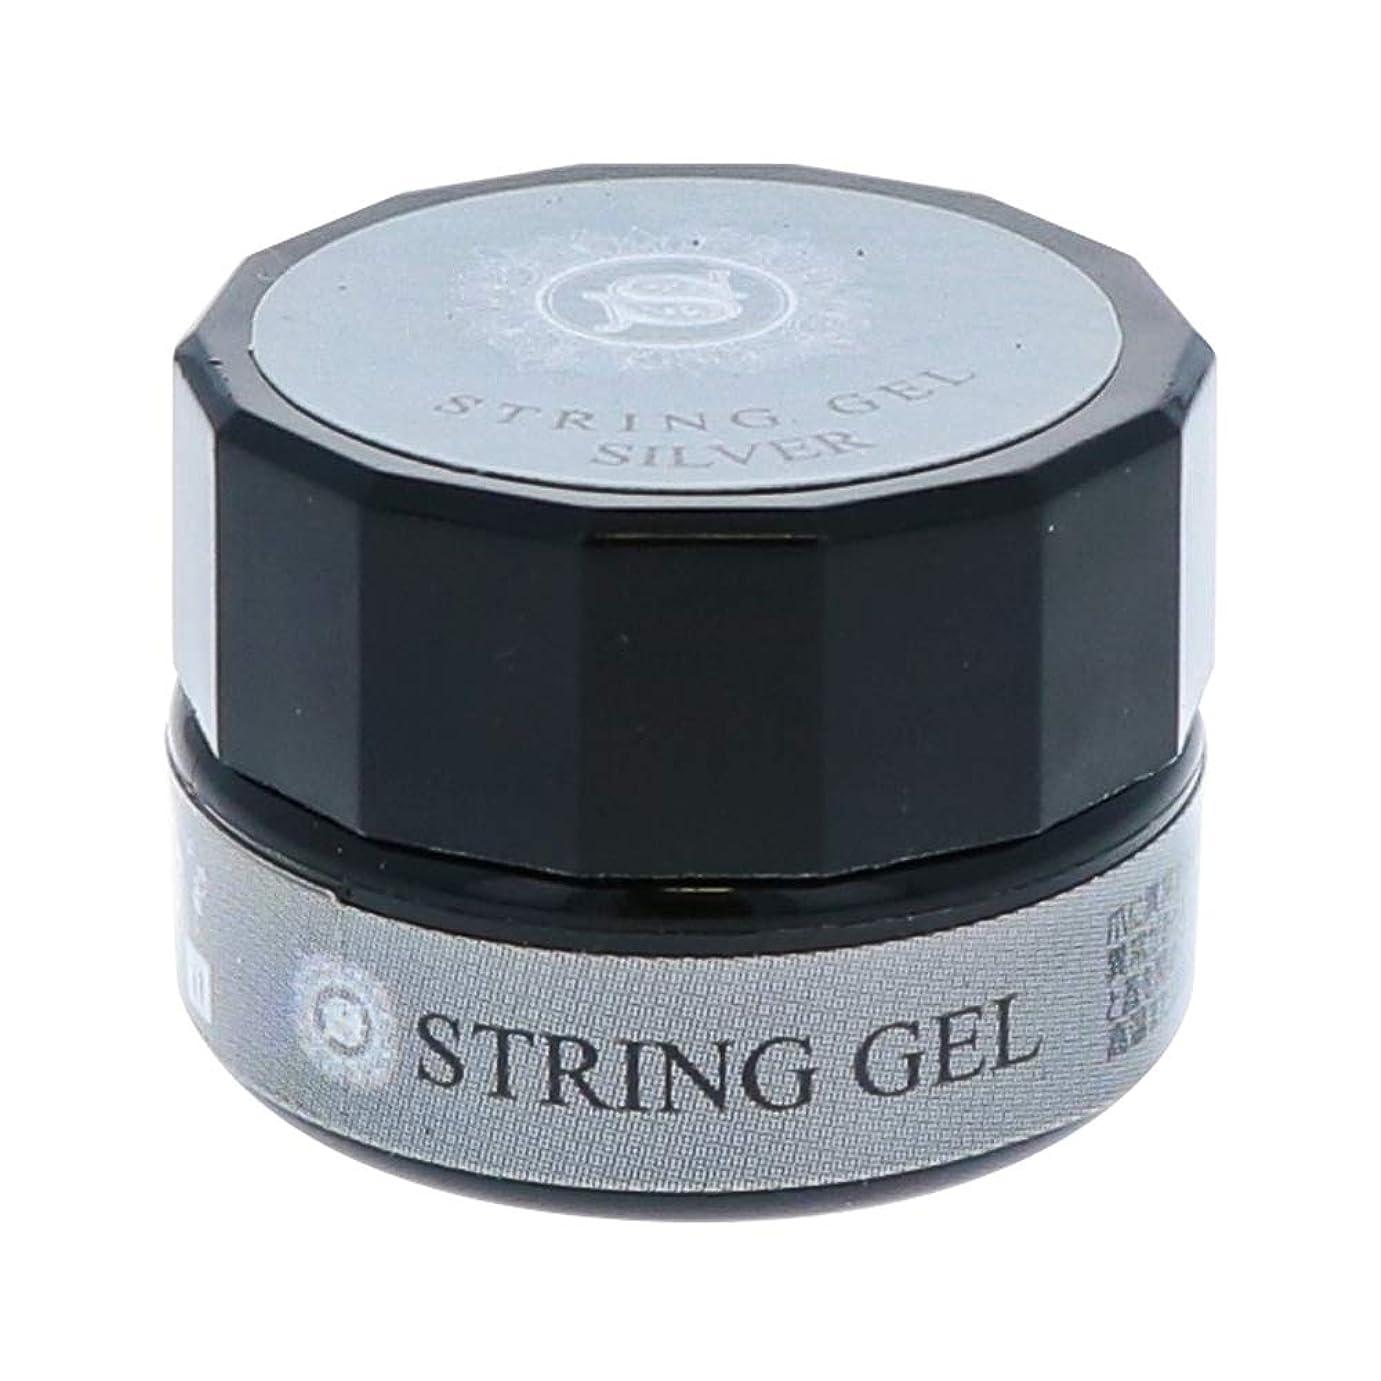 まさに無一文デマンドビューティーネイラー simply string gel (silver) 2.5g QSG-2